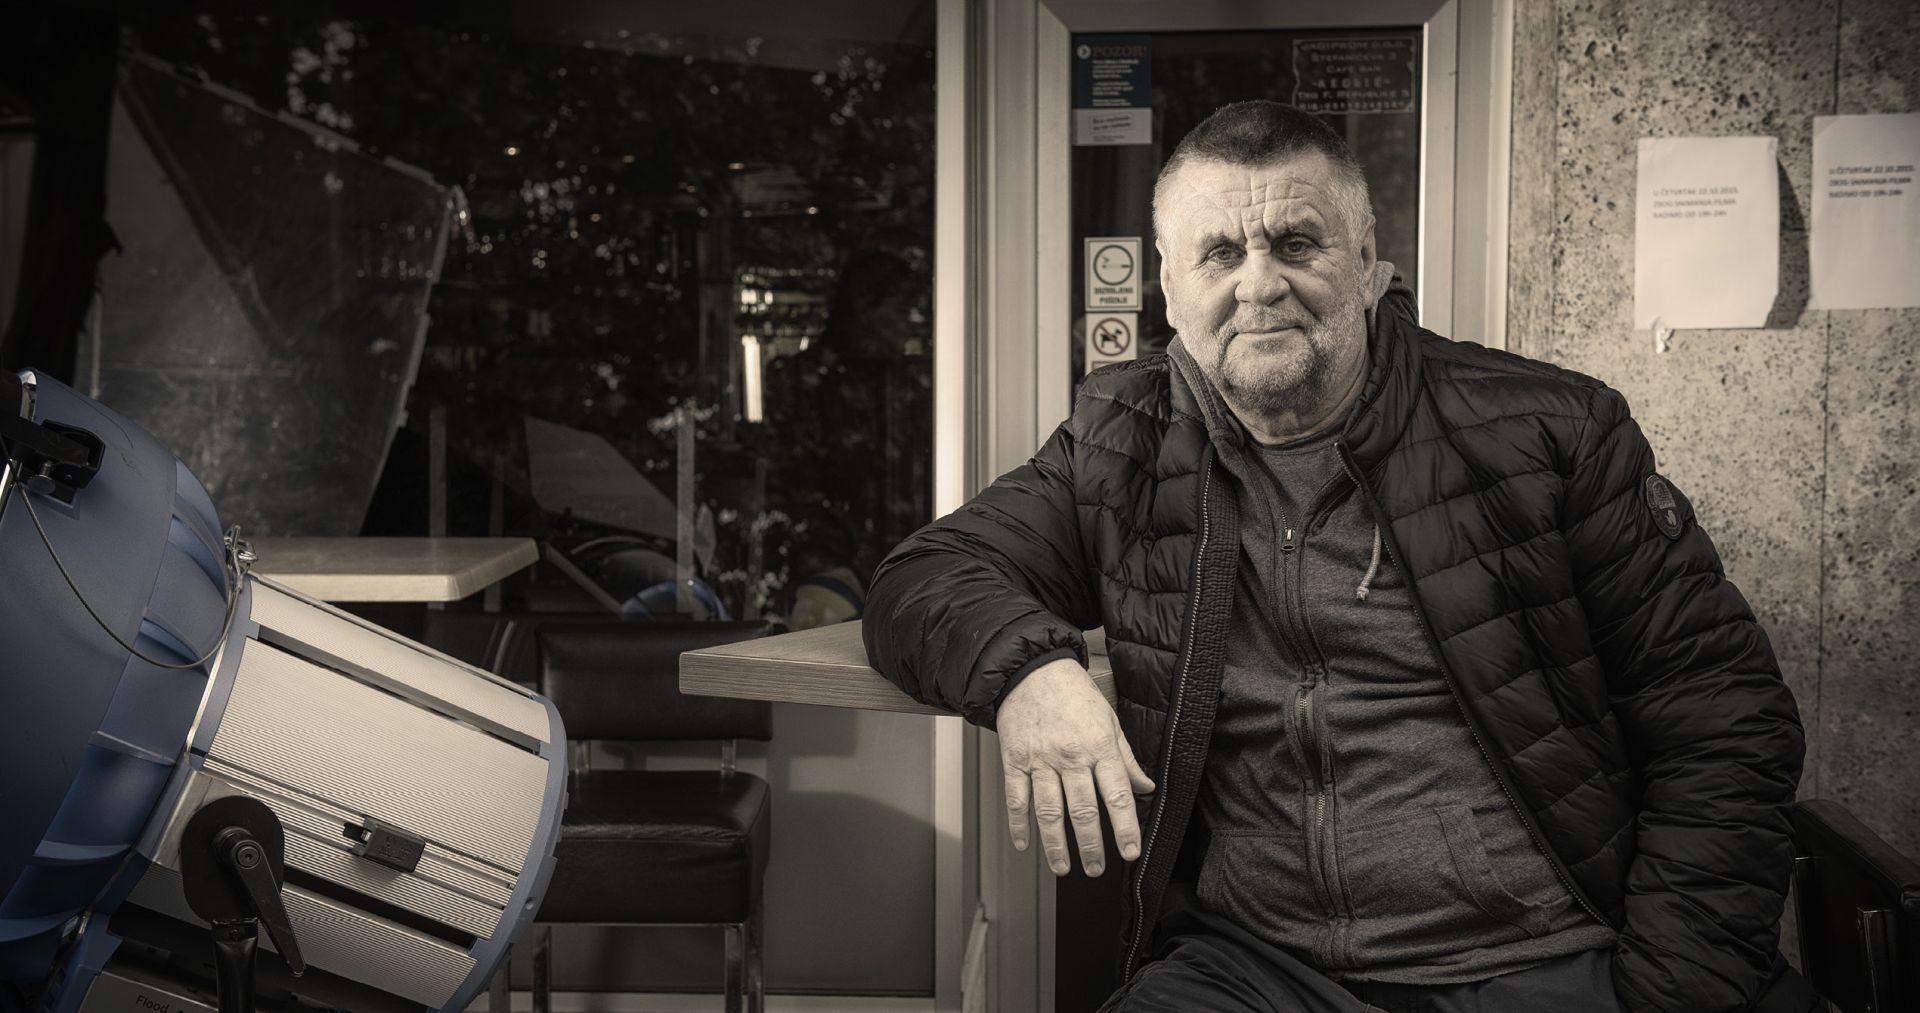 RAJKO GRLIĆ 'Ljudi u Hrvatskoj žrtve su demagogije od koje političari žive'